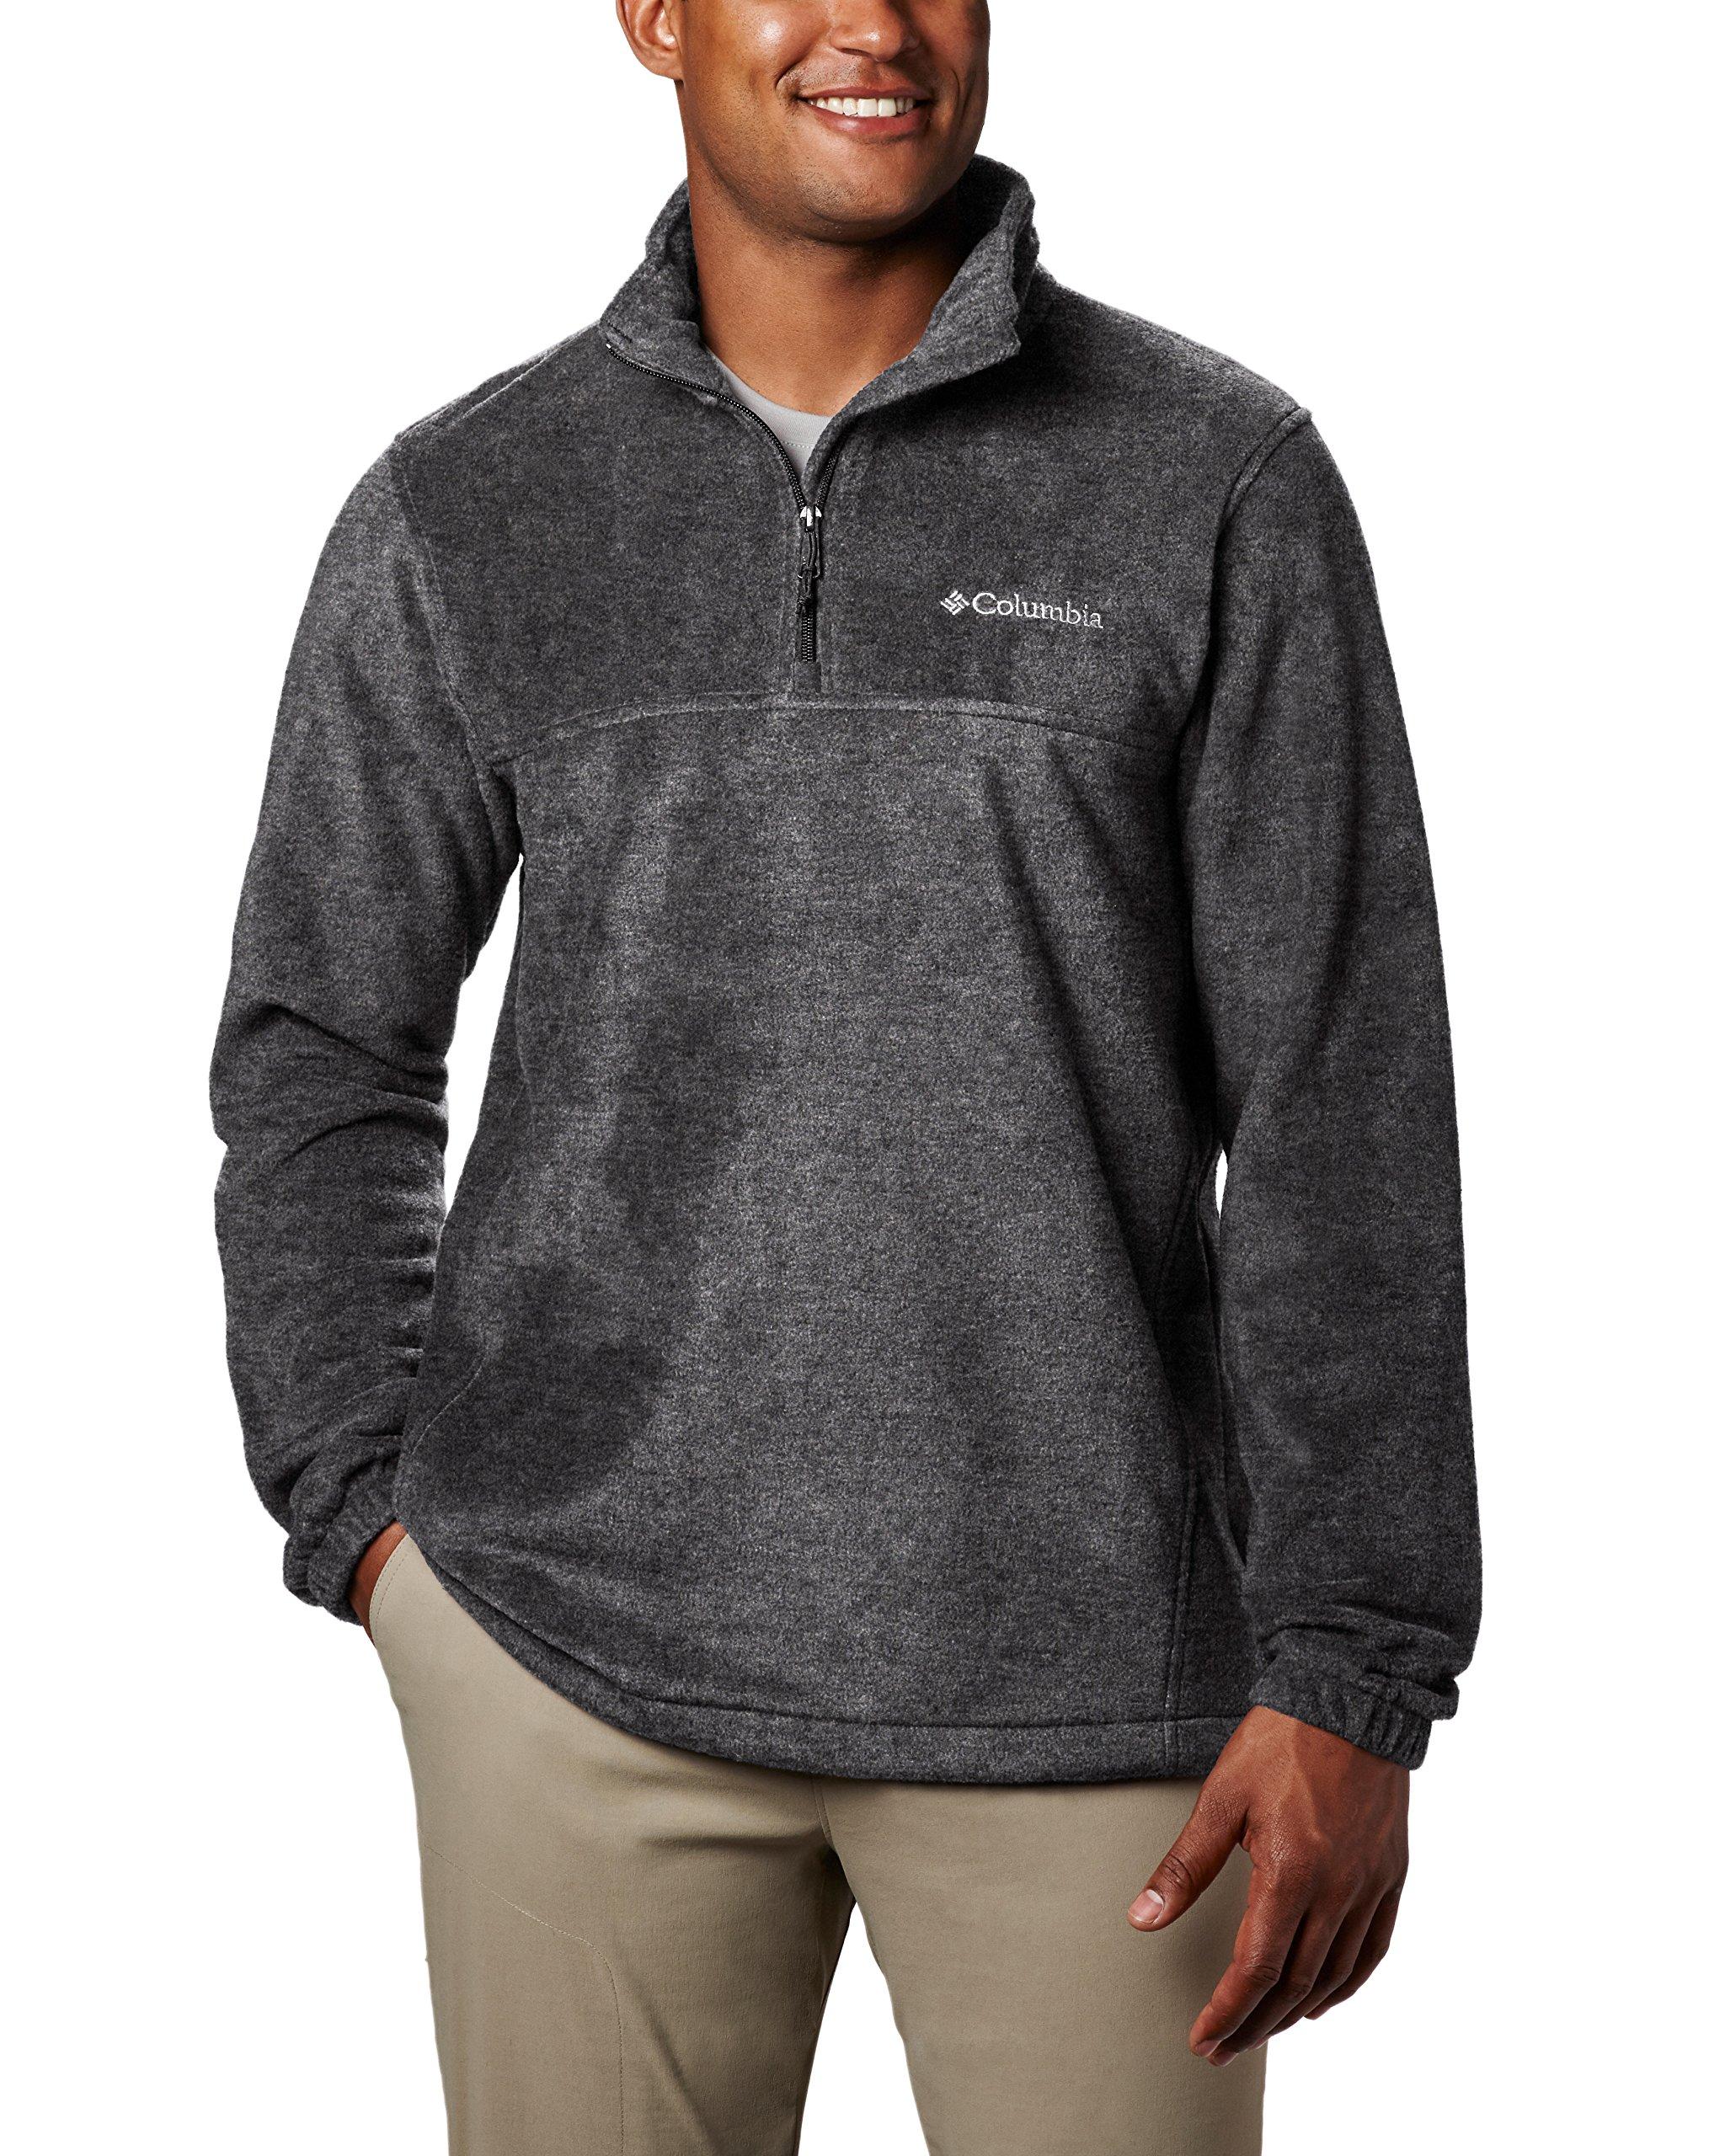 Columbia Men's Steens Mountain Half Zip Soft Fleece Jacket, Charcoal Heather, Medium by Columbia